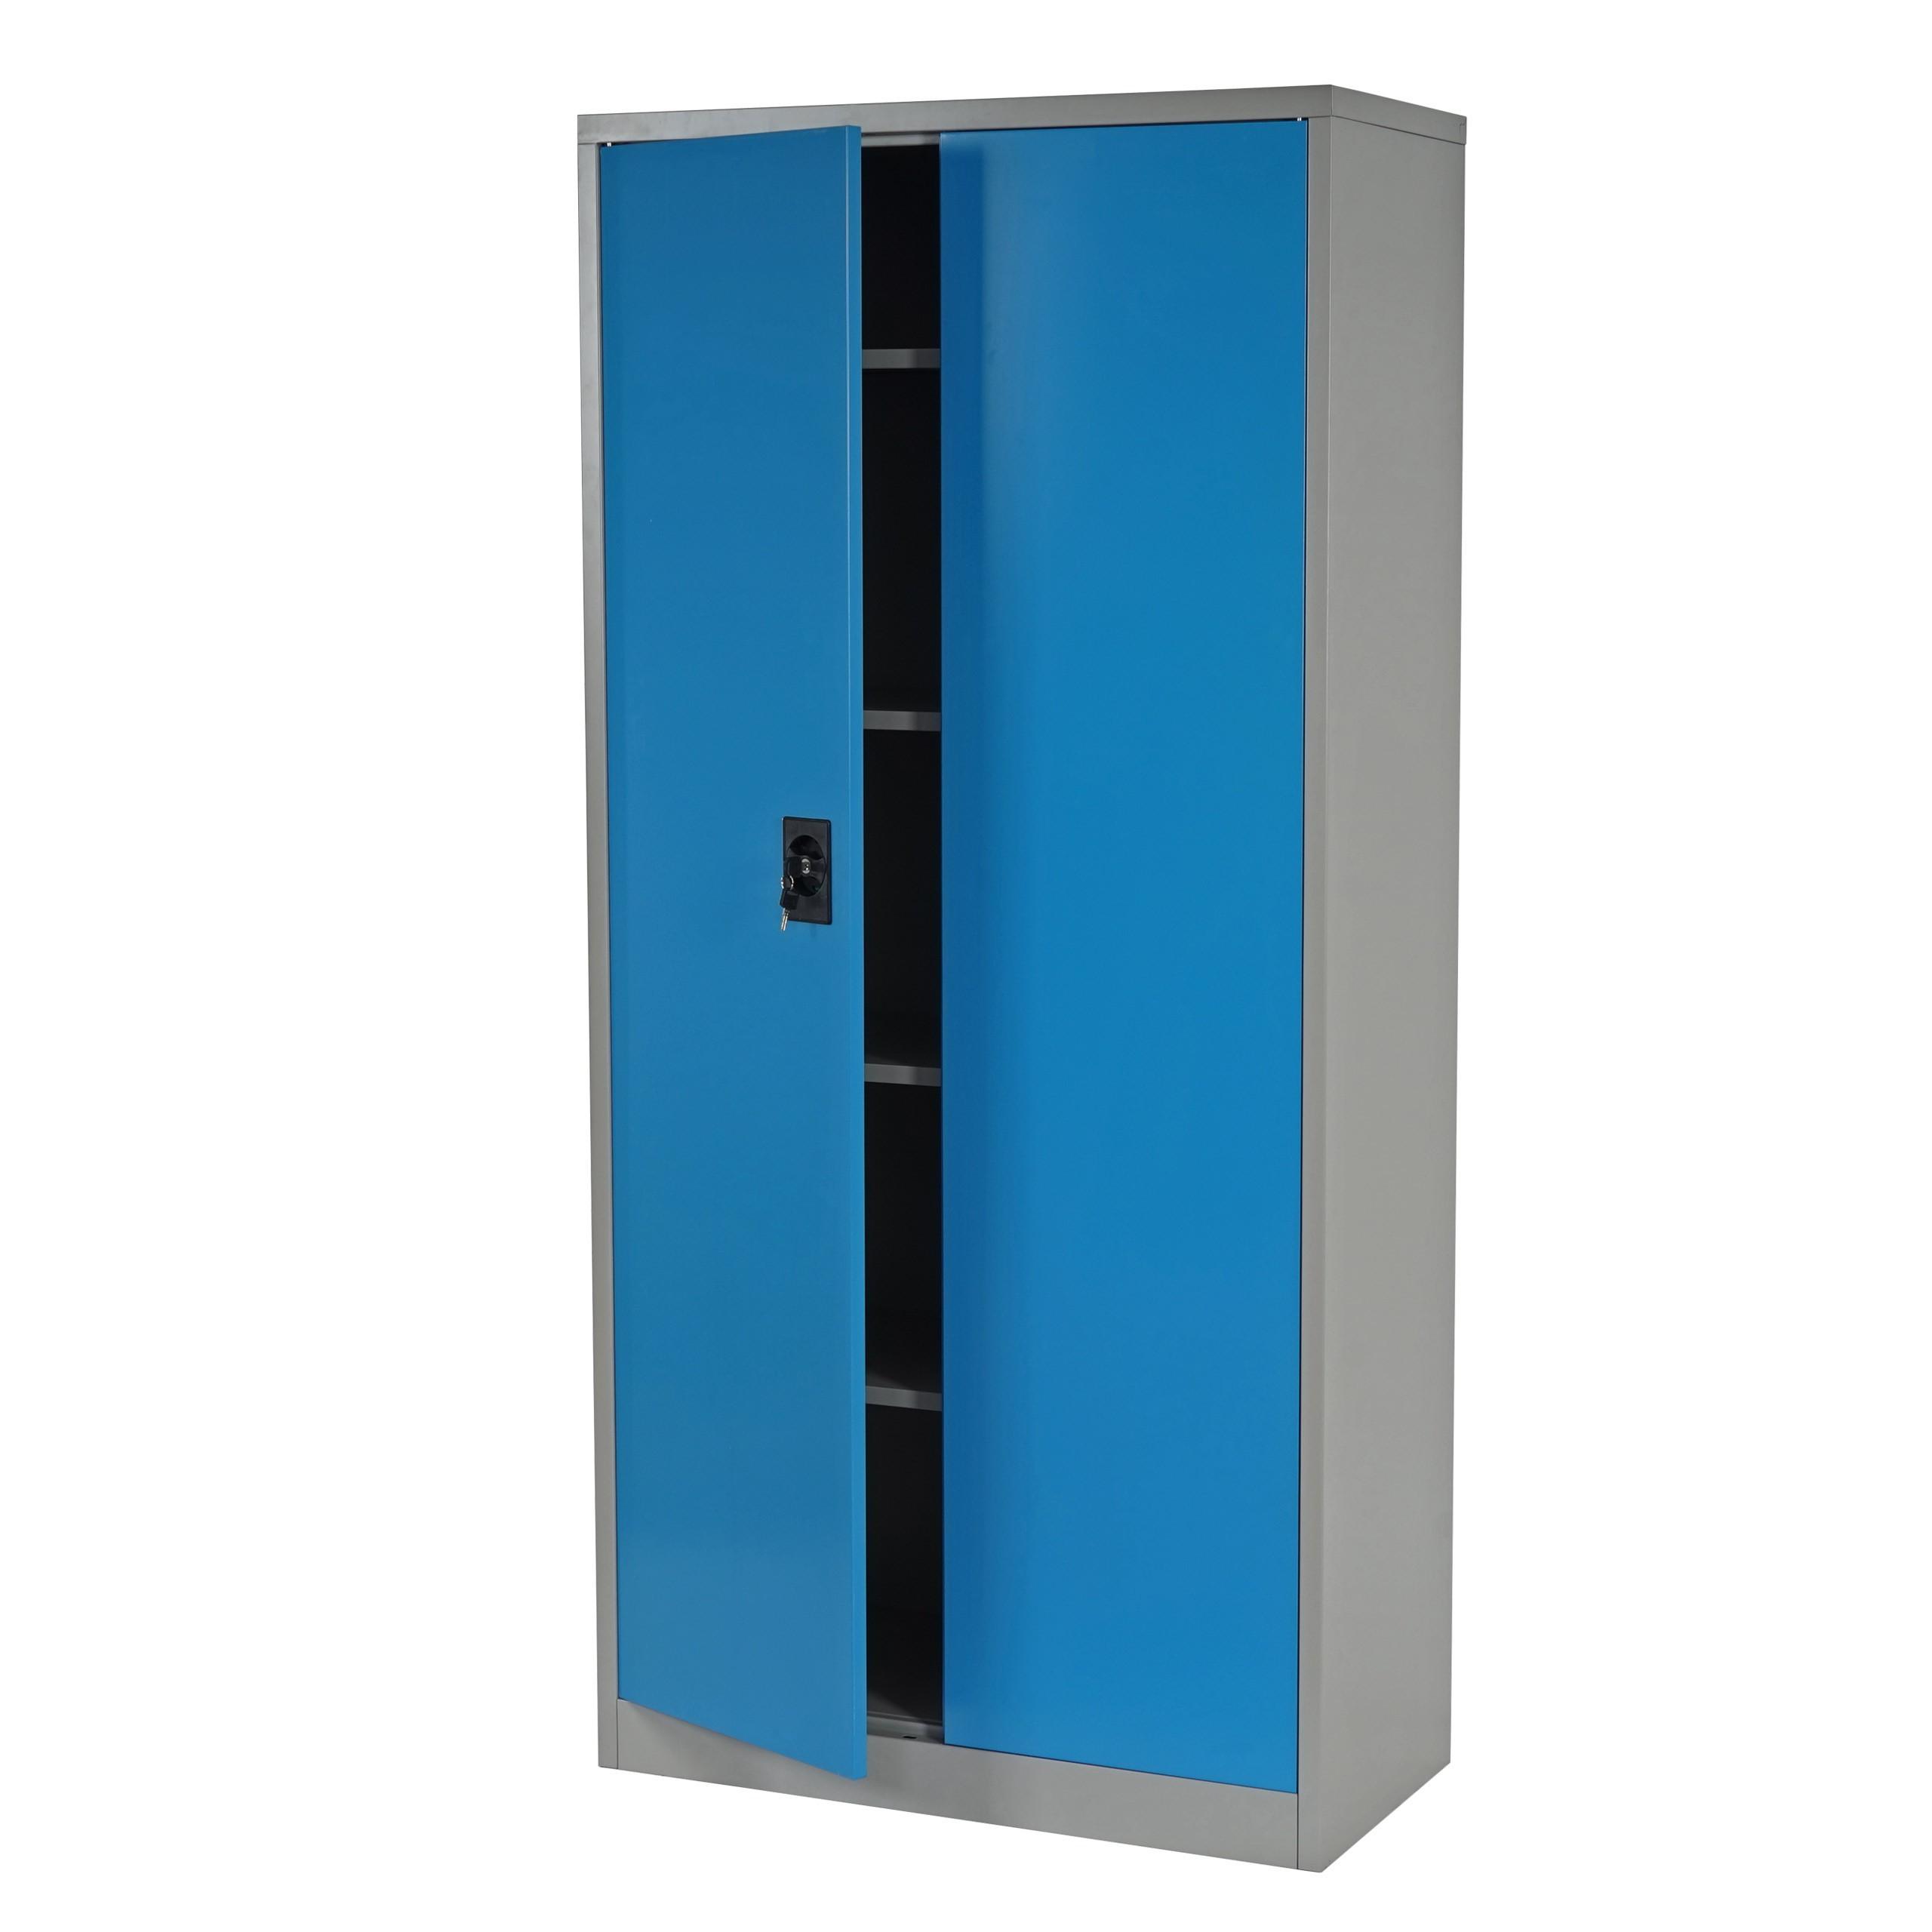 armoire de bureau metallique armoire id es de d coration de maison ggbmwvvlxw. Black Bedroom Furniture Sets. Home Design Ideas